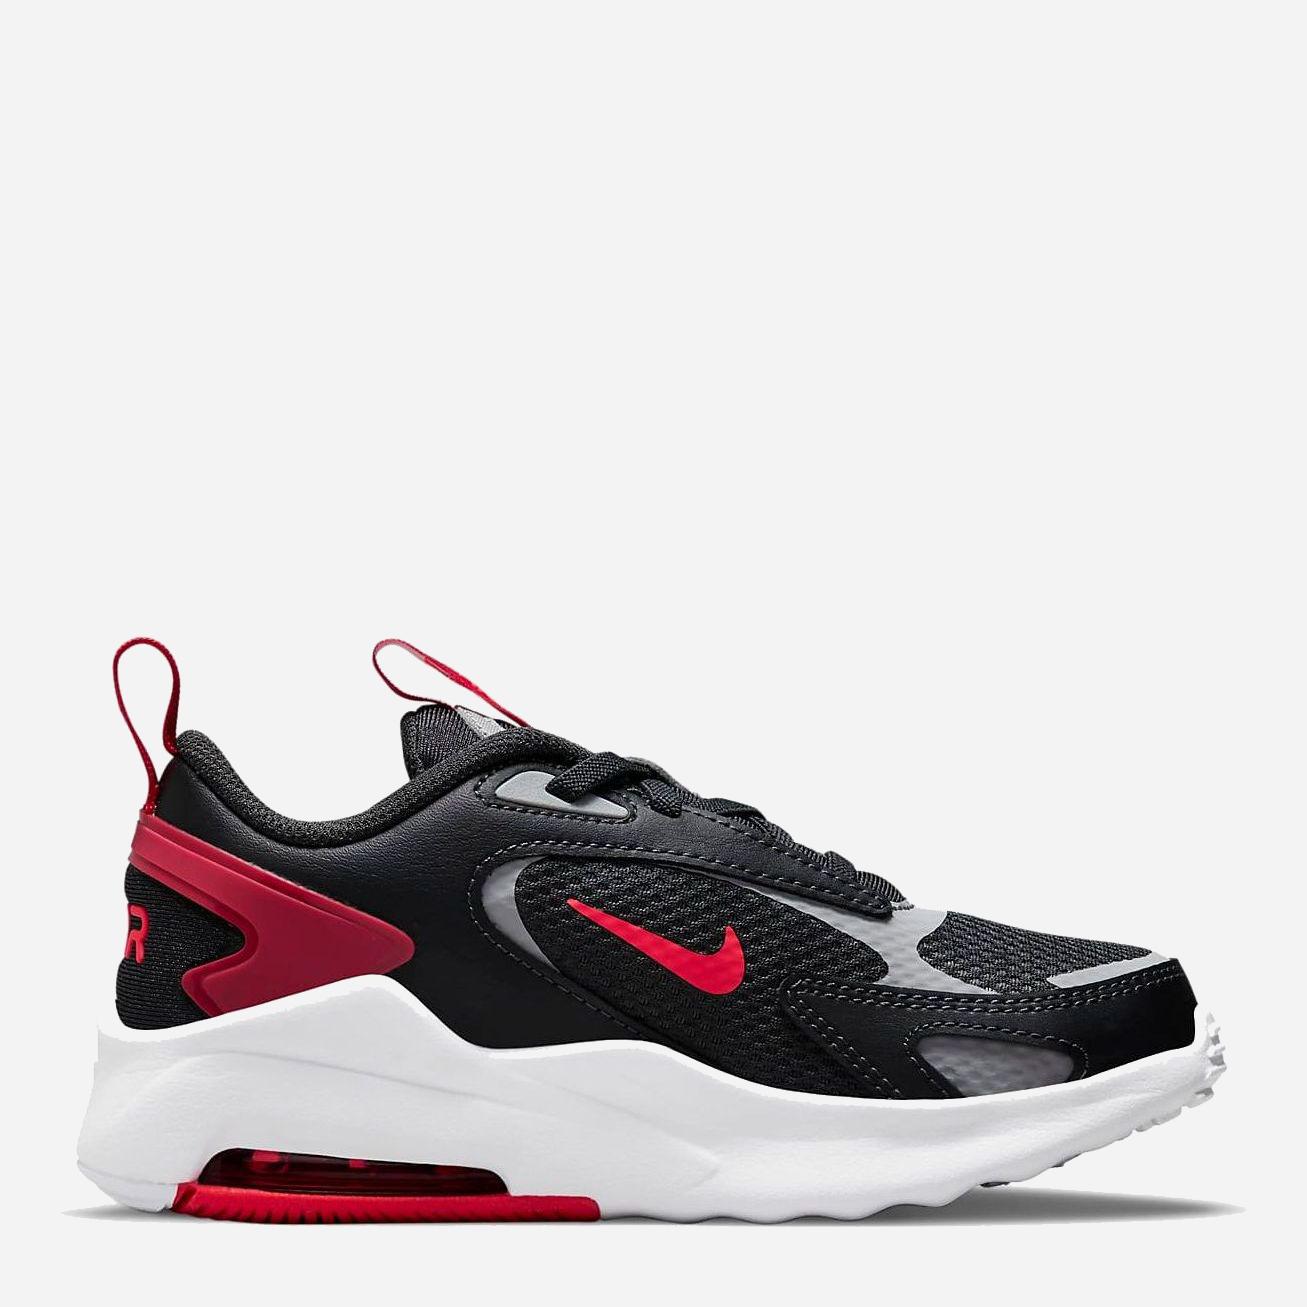 Кроссовки детские Nike Air Max Bolt (Pse) CW1627-005 29.5 (12C) 18 см Черные с красным (195239272851)